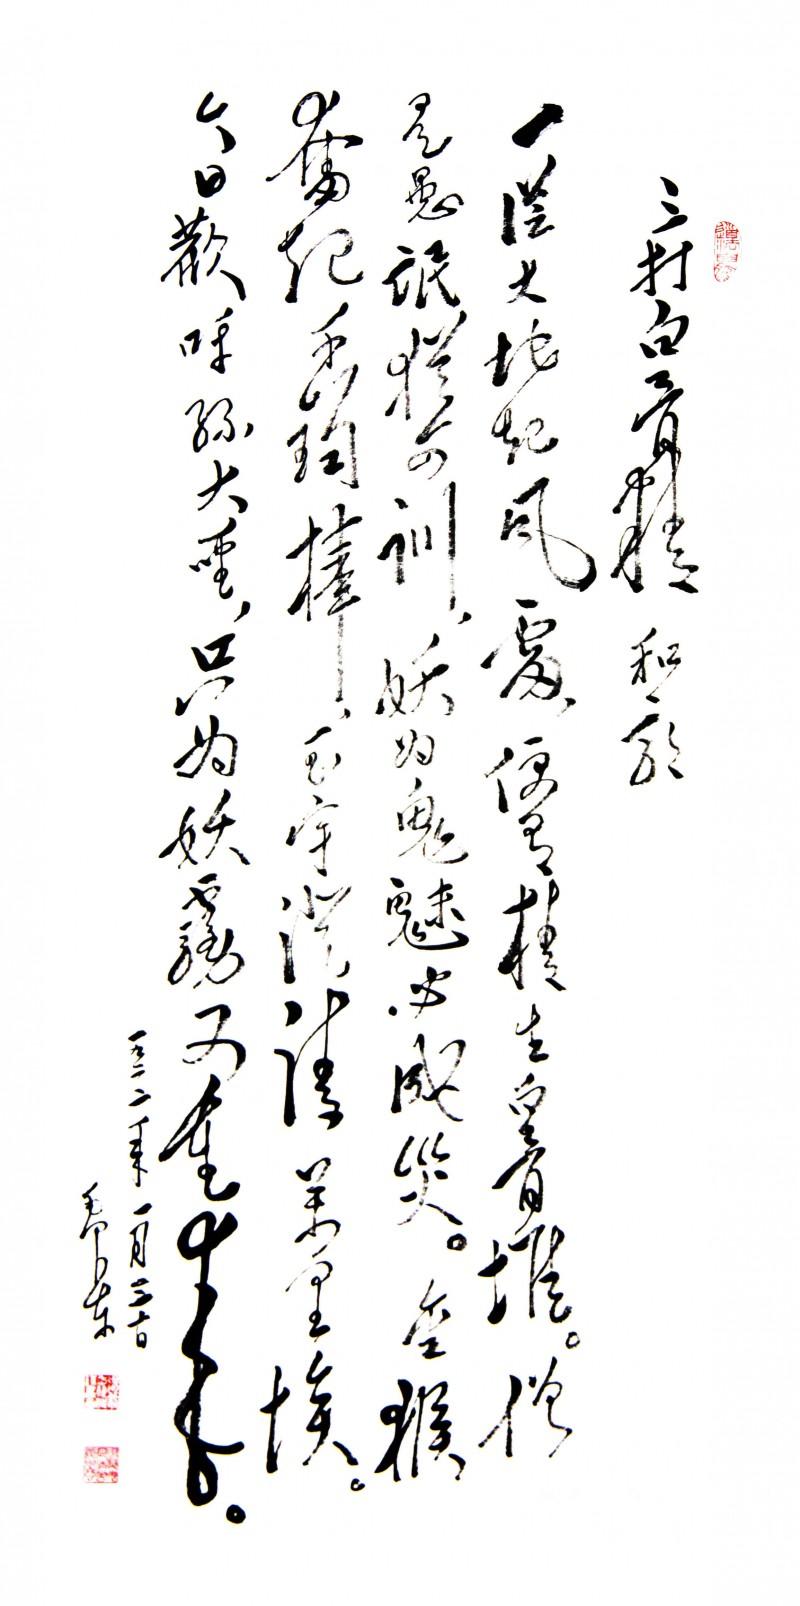 毛泽东词-《七律.和郭沫若同志》